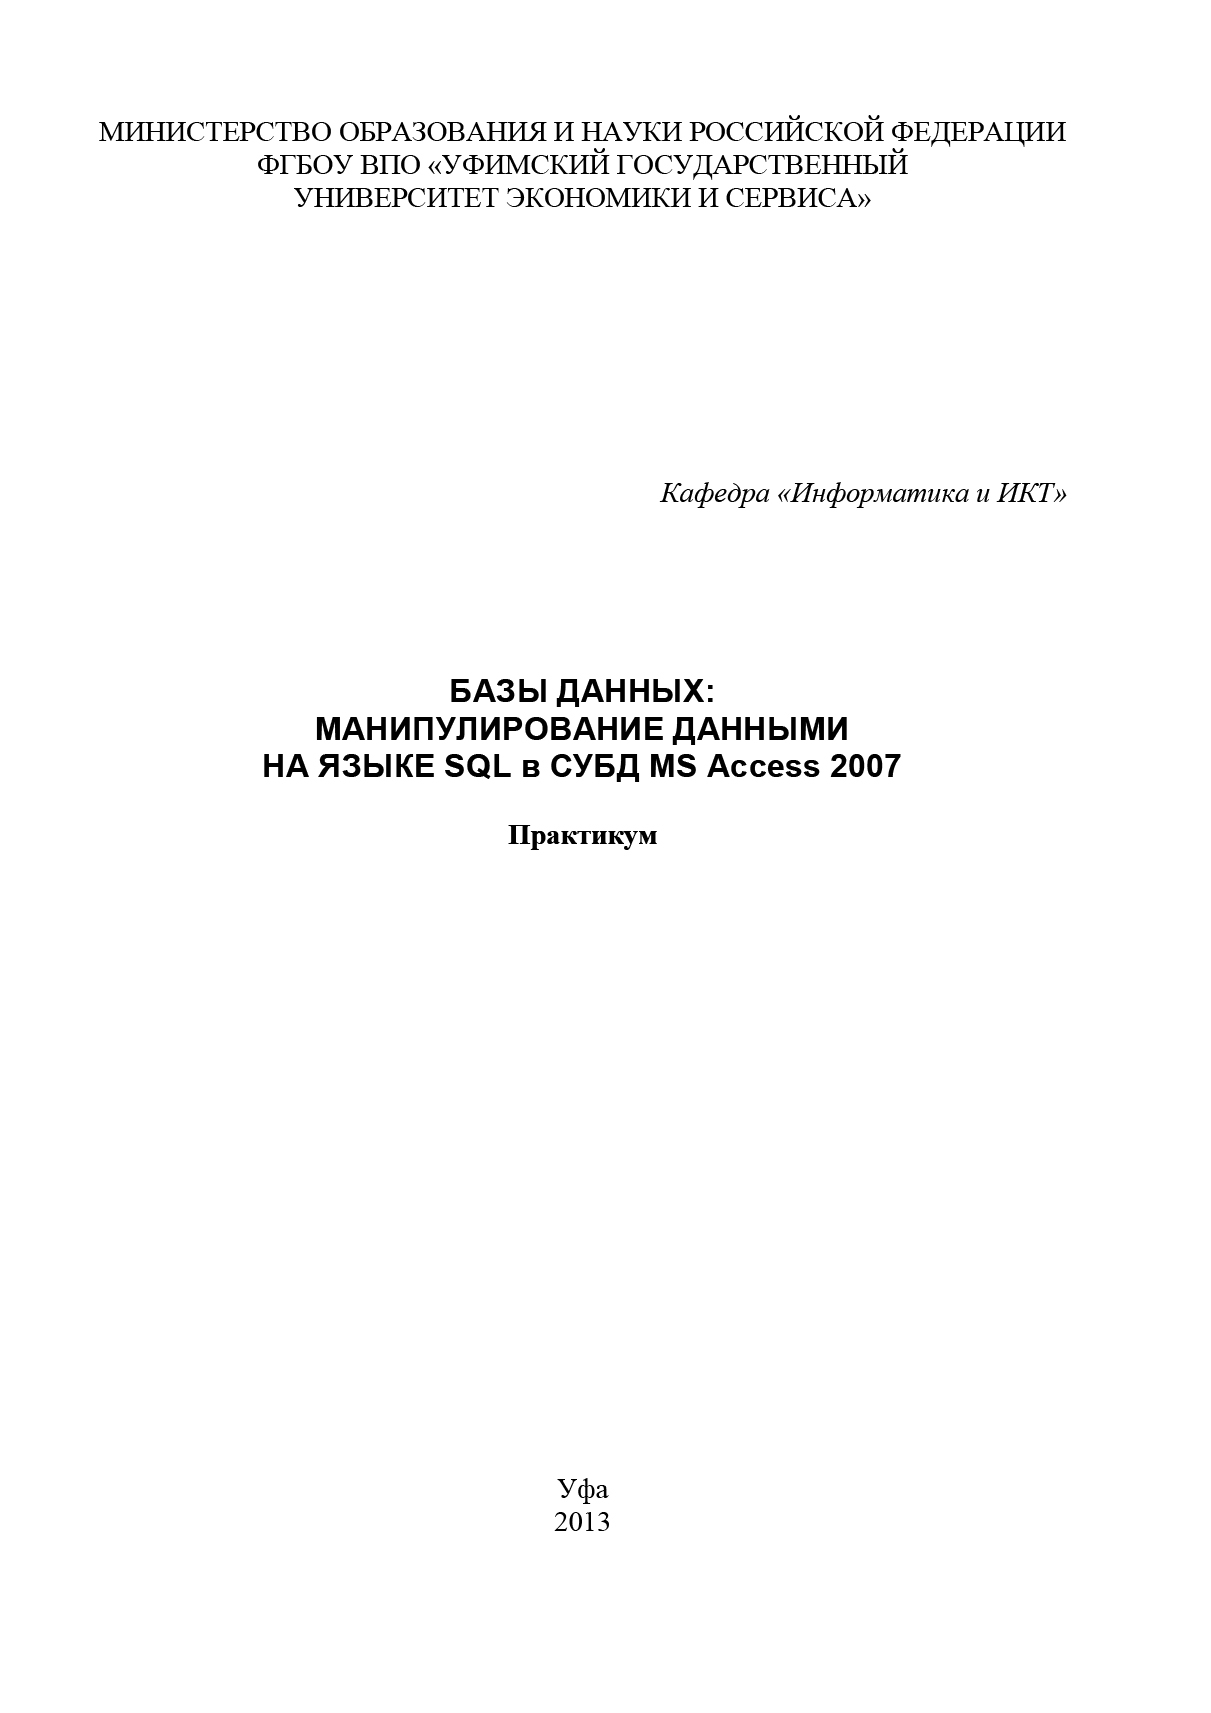 Базы данных: манипулирование данными на языке SQL в СУБД MS Access 2007